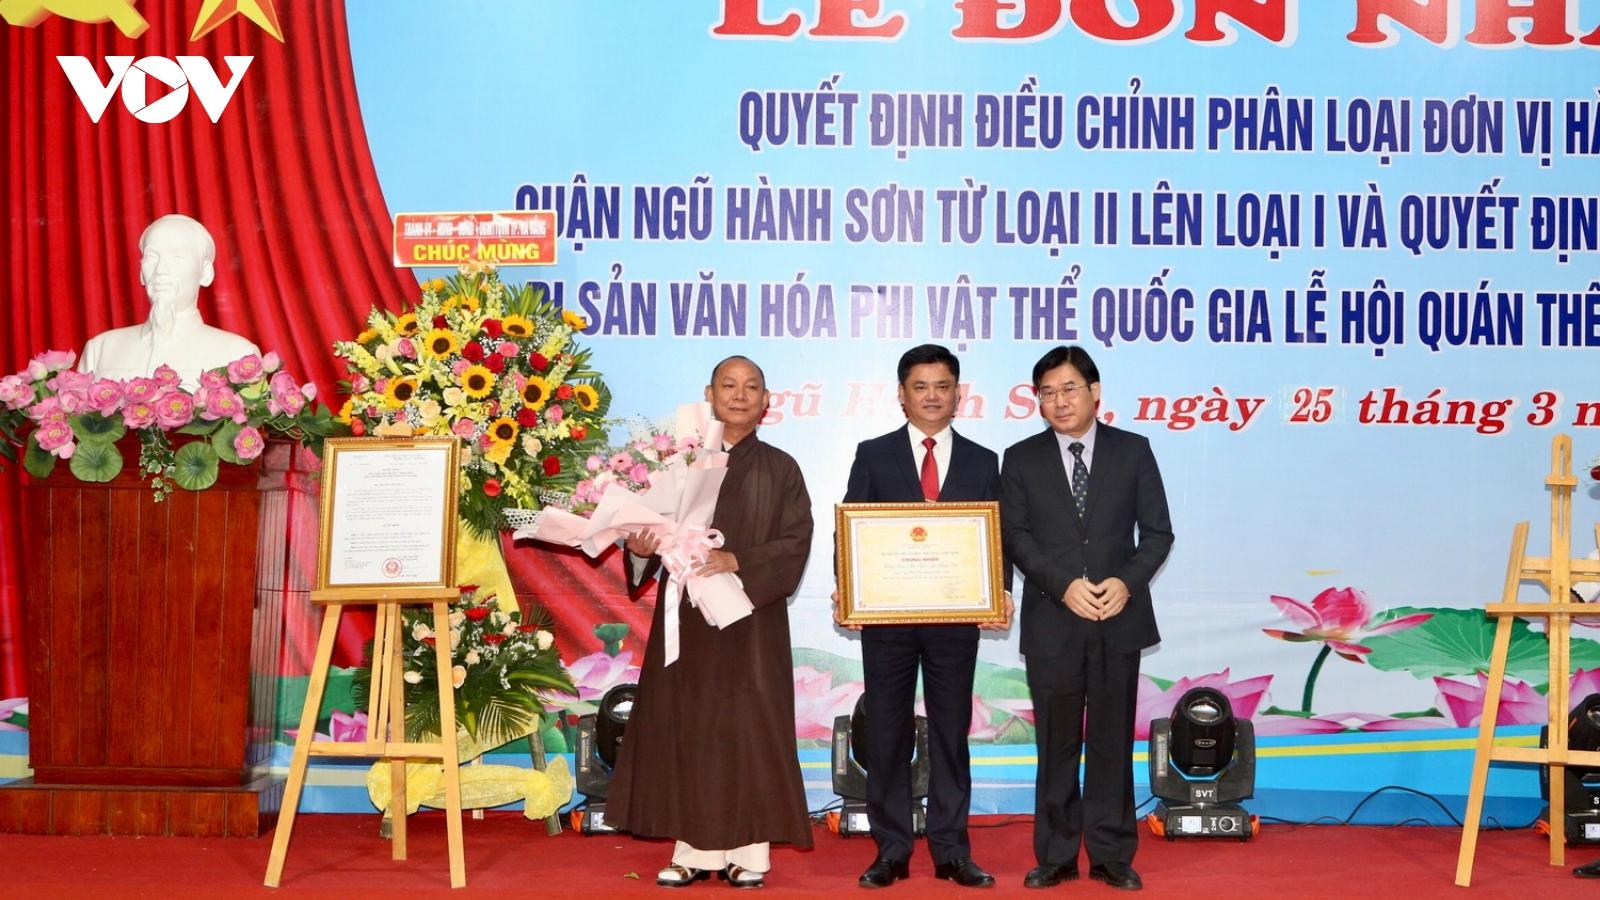 Lễ hội Quán Thế Âm Đà Nẵng là Di sản văn hoá phi vật thể quốc gia